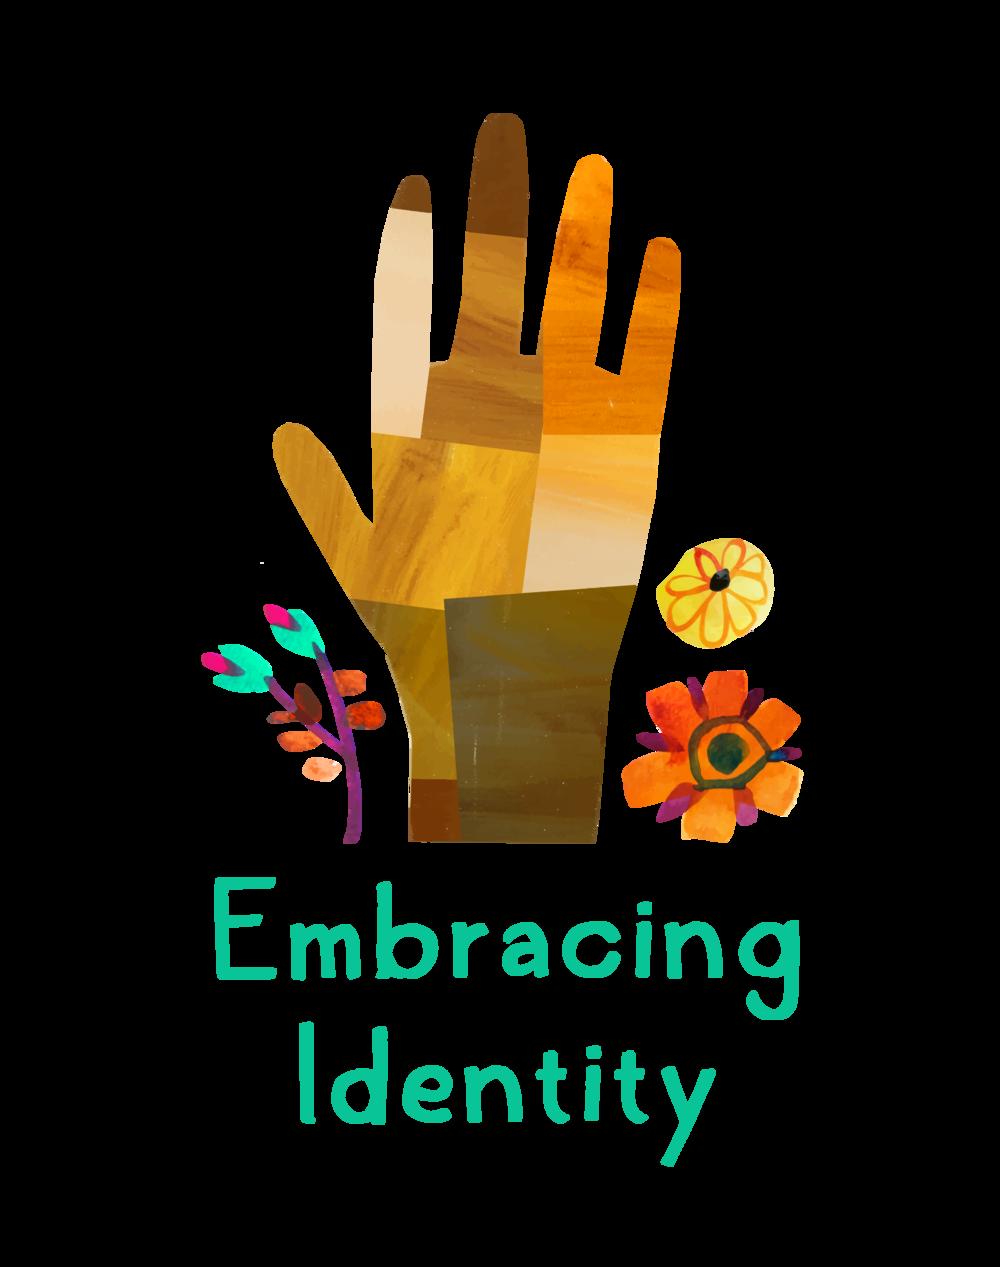 EmbracingEquity-Programs-02.png